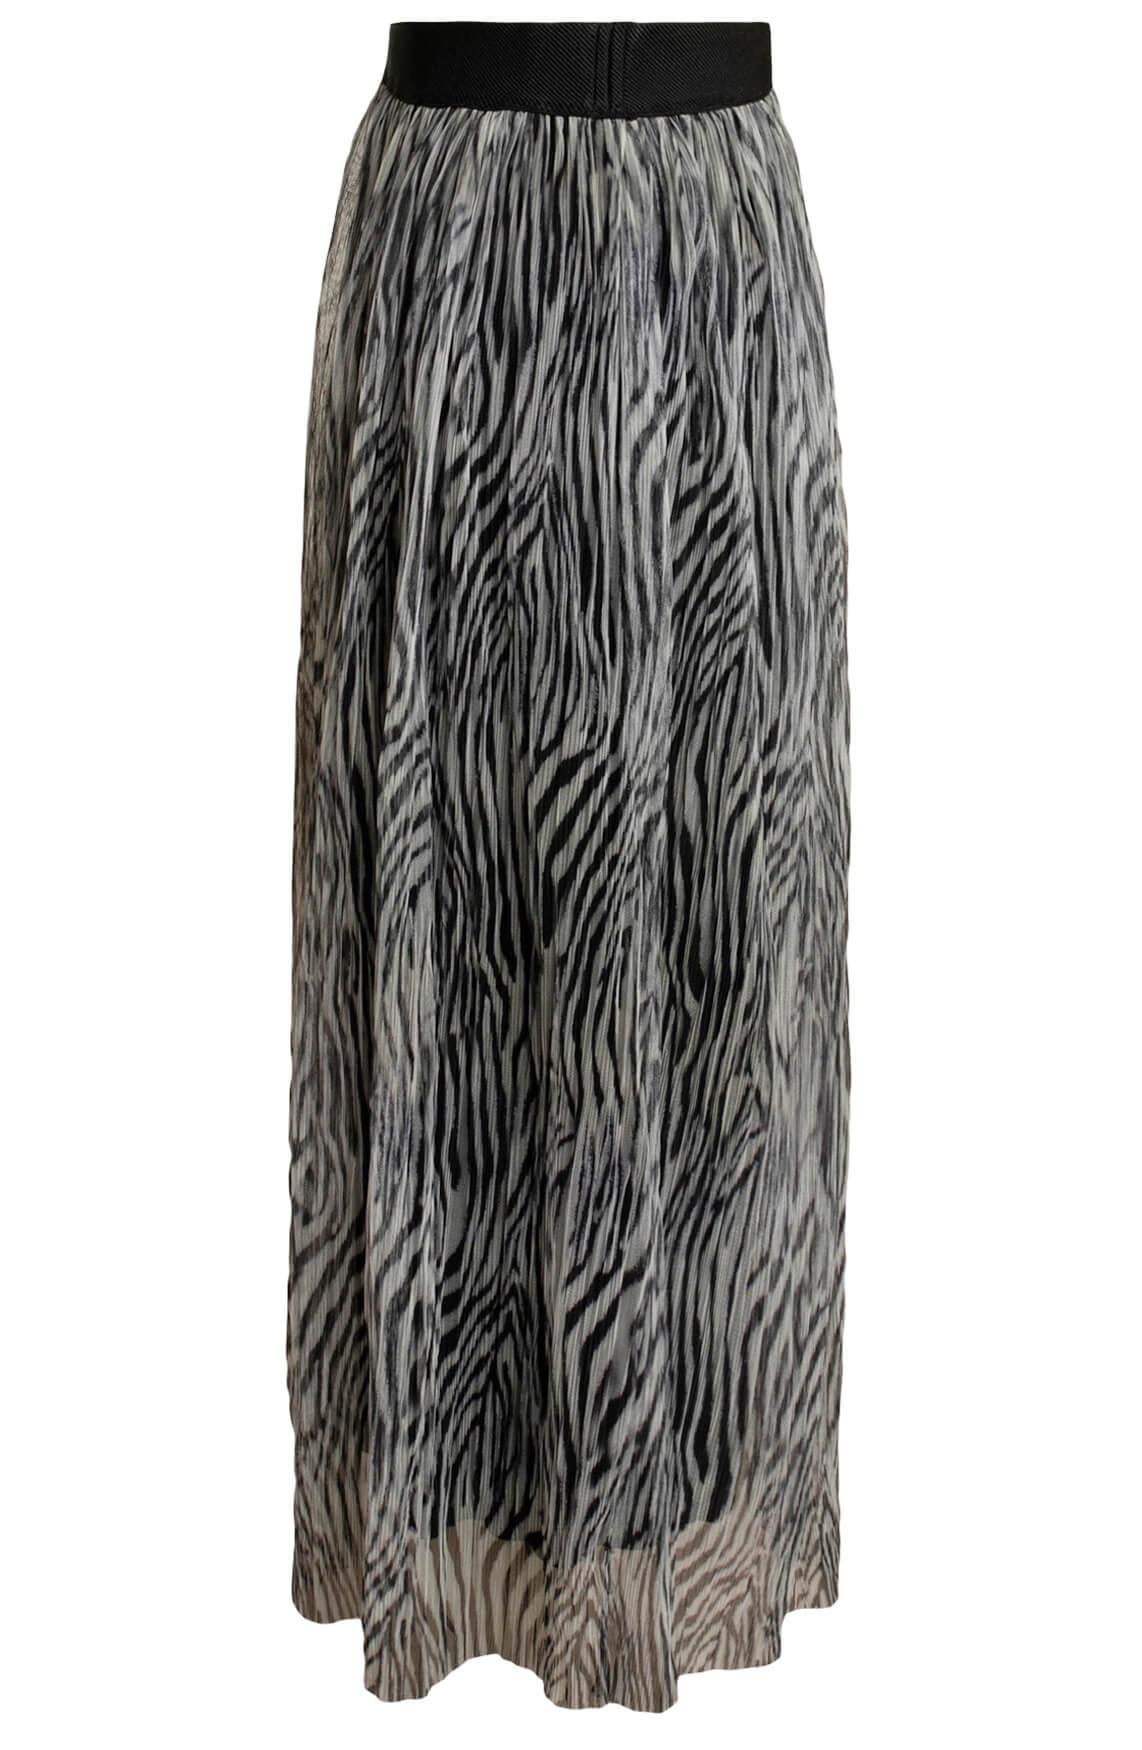 Anna Dames Zebra mesh rok zwart